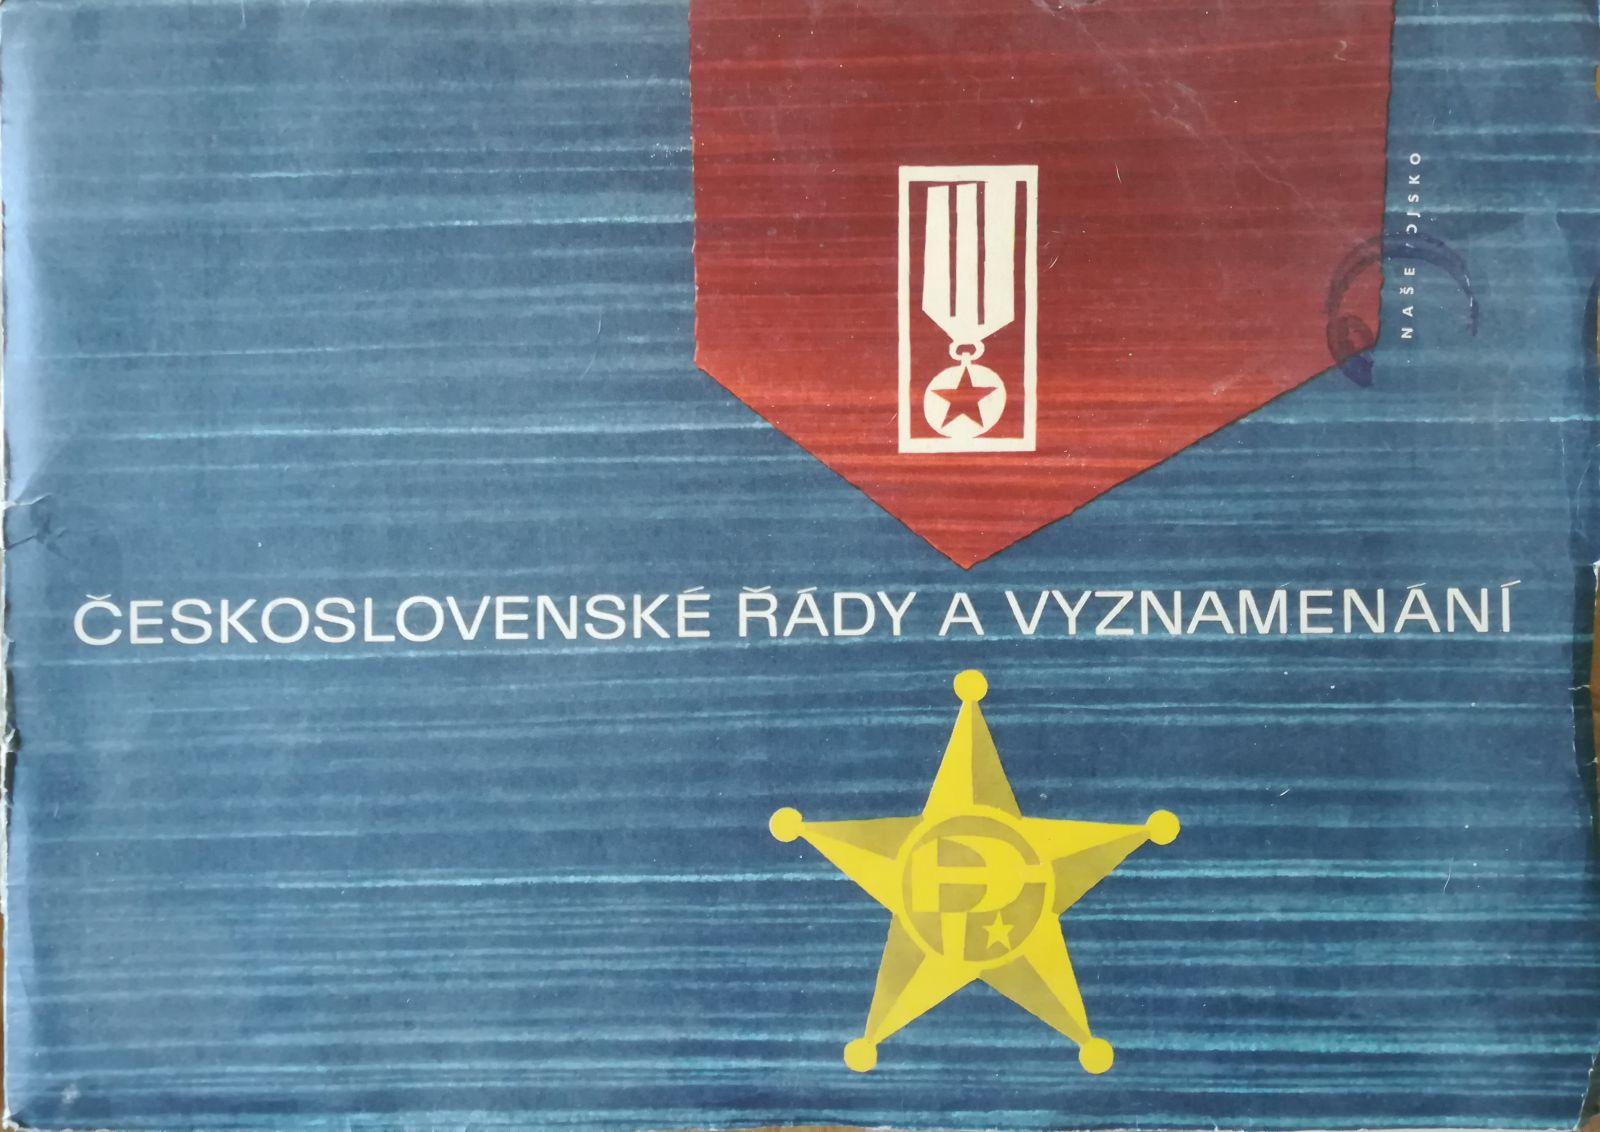 Československé řády a vyznamenání, Naše vojsko 1964